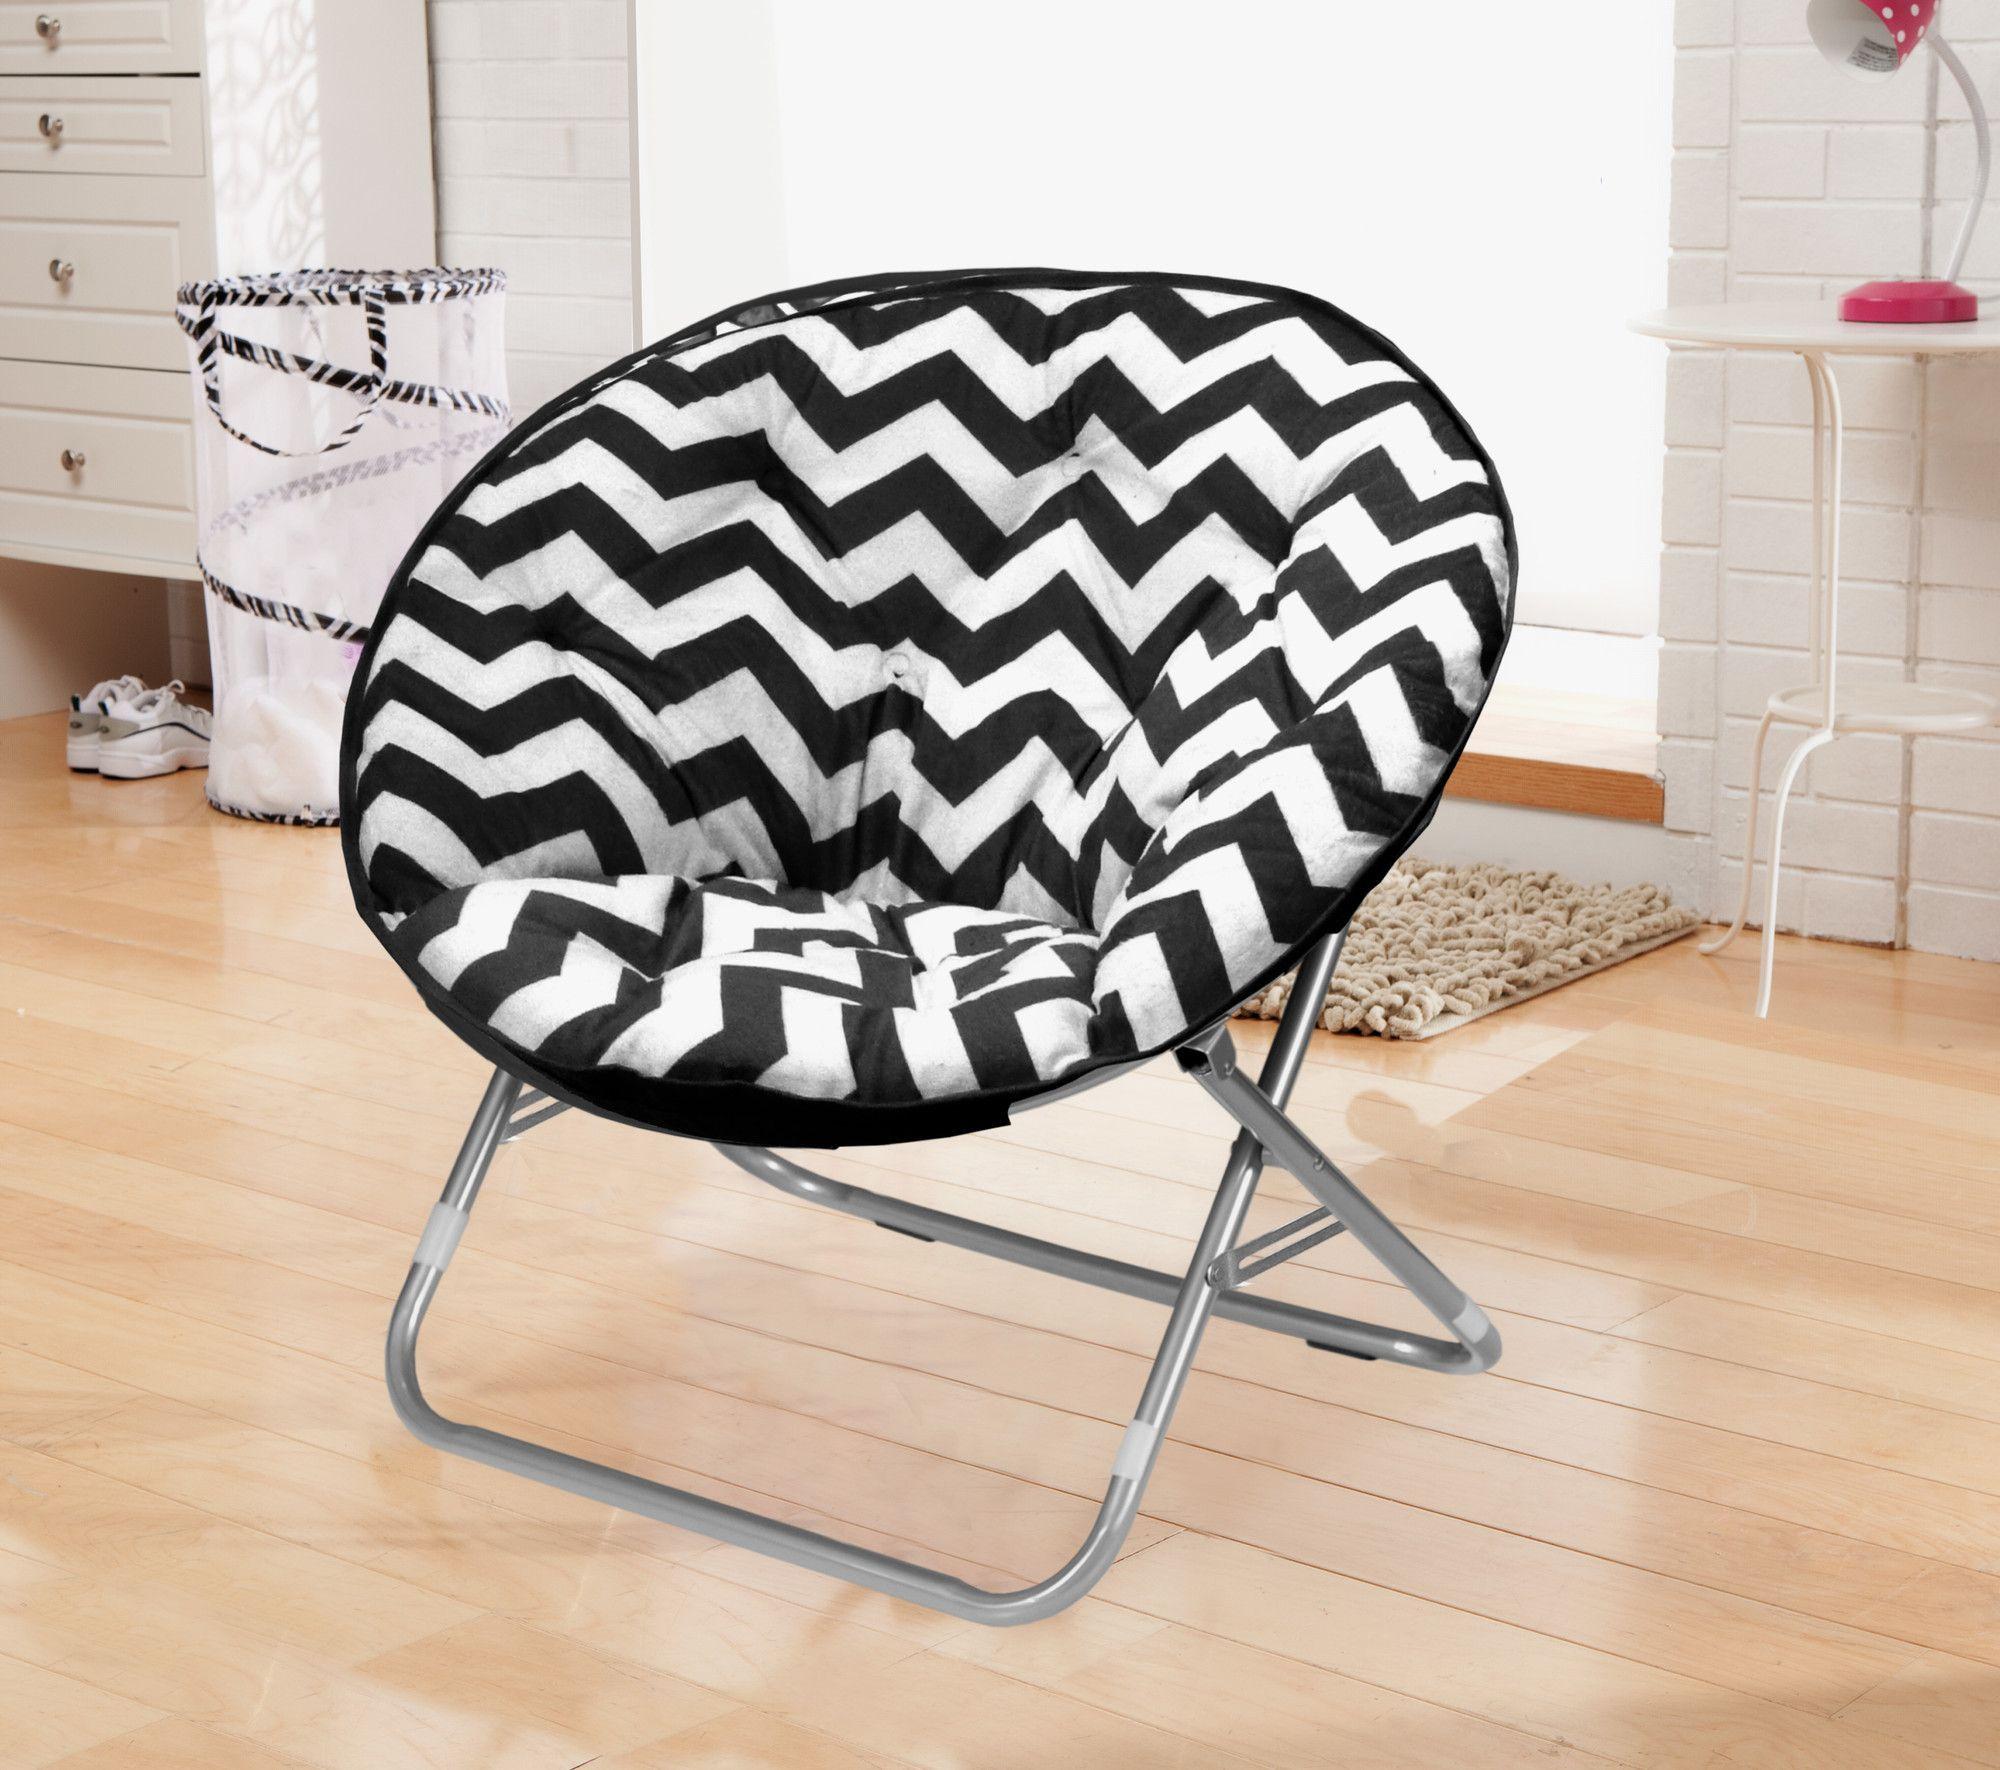 Chevron Saucer Kids Chair Chair Papasan Chair Urban Shop